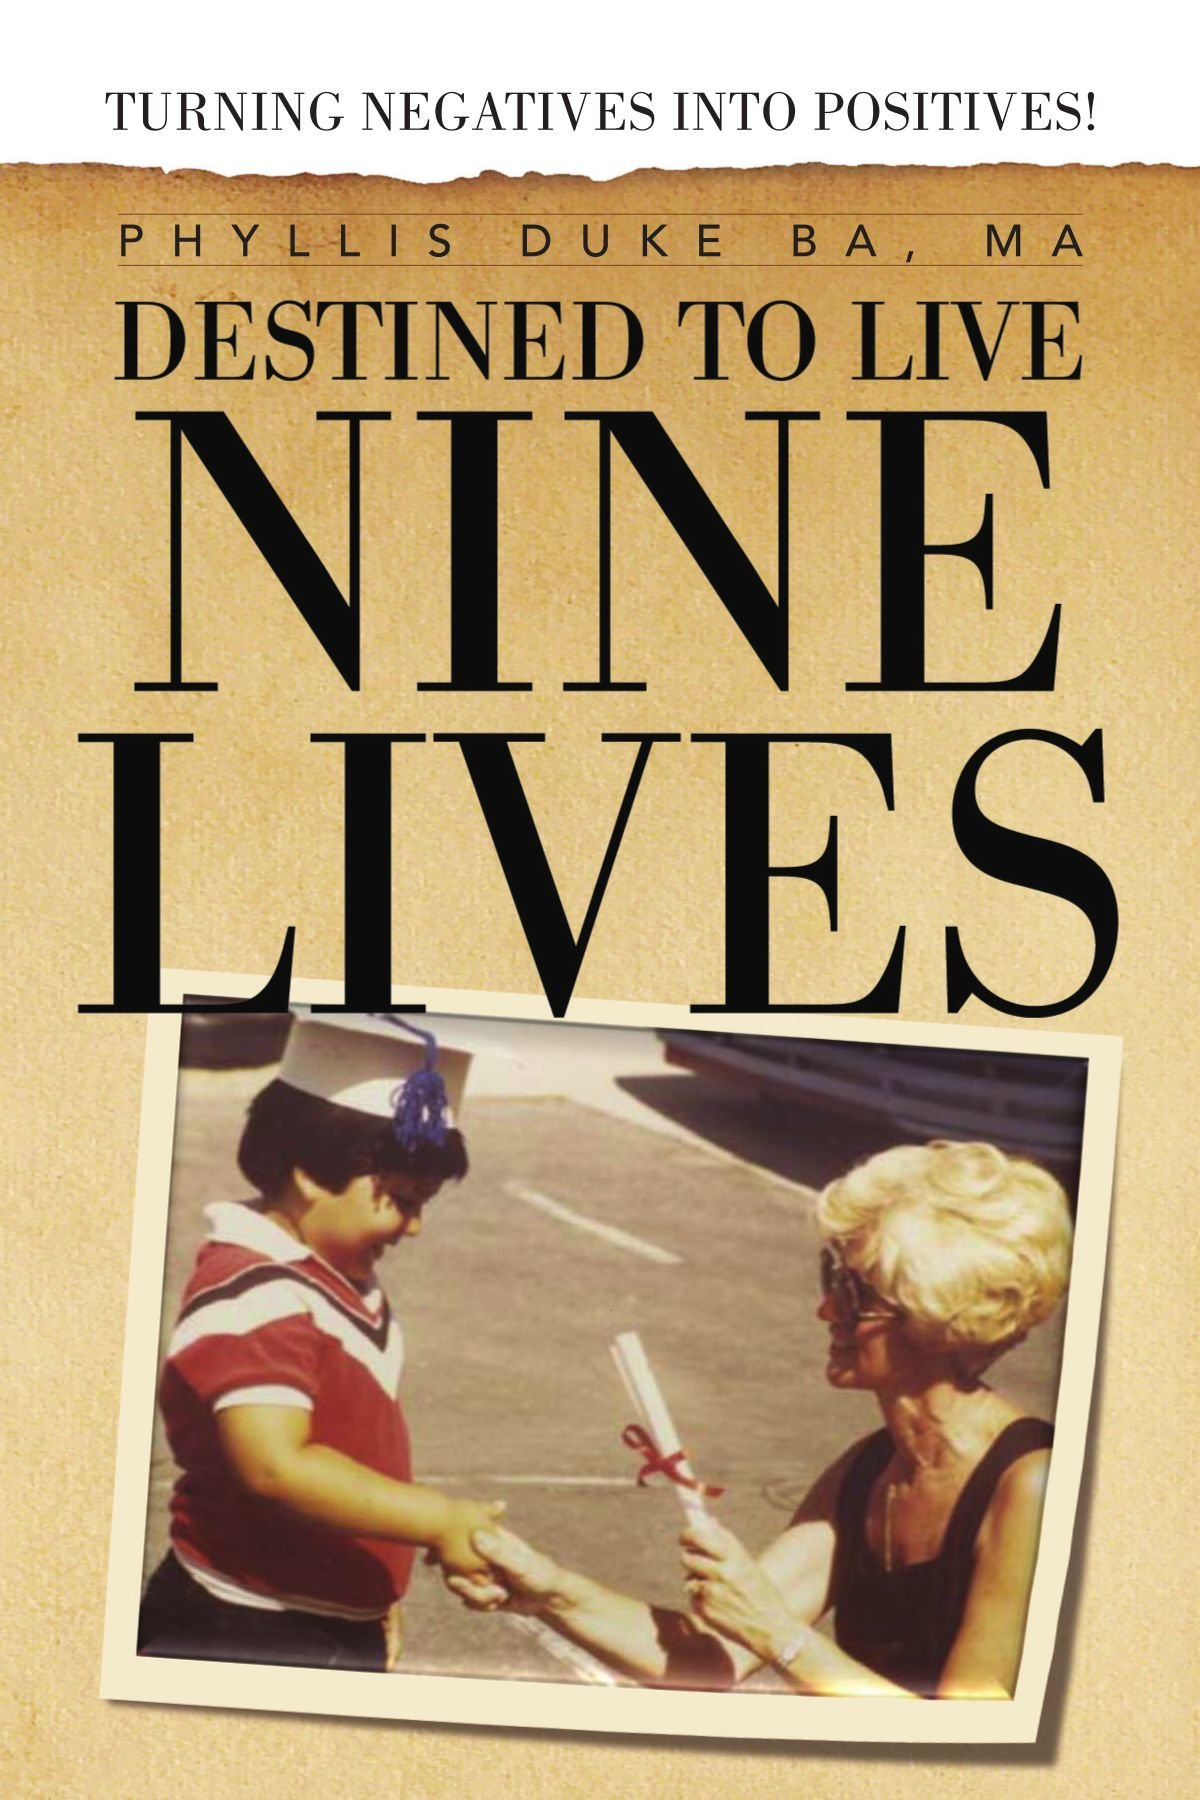 Download Destined to Live Nine Lives: Turning Negatives into Positives! PDF